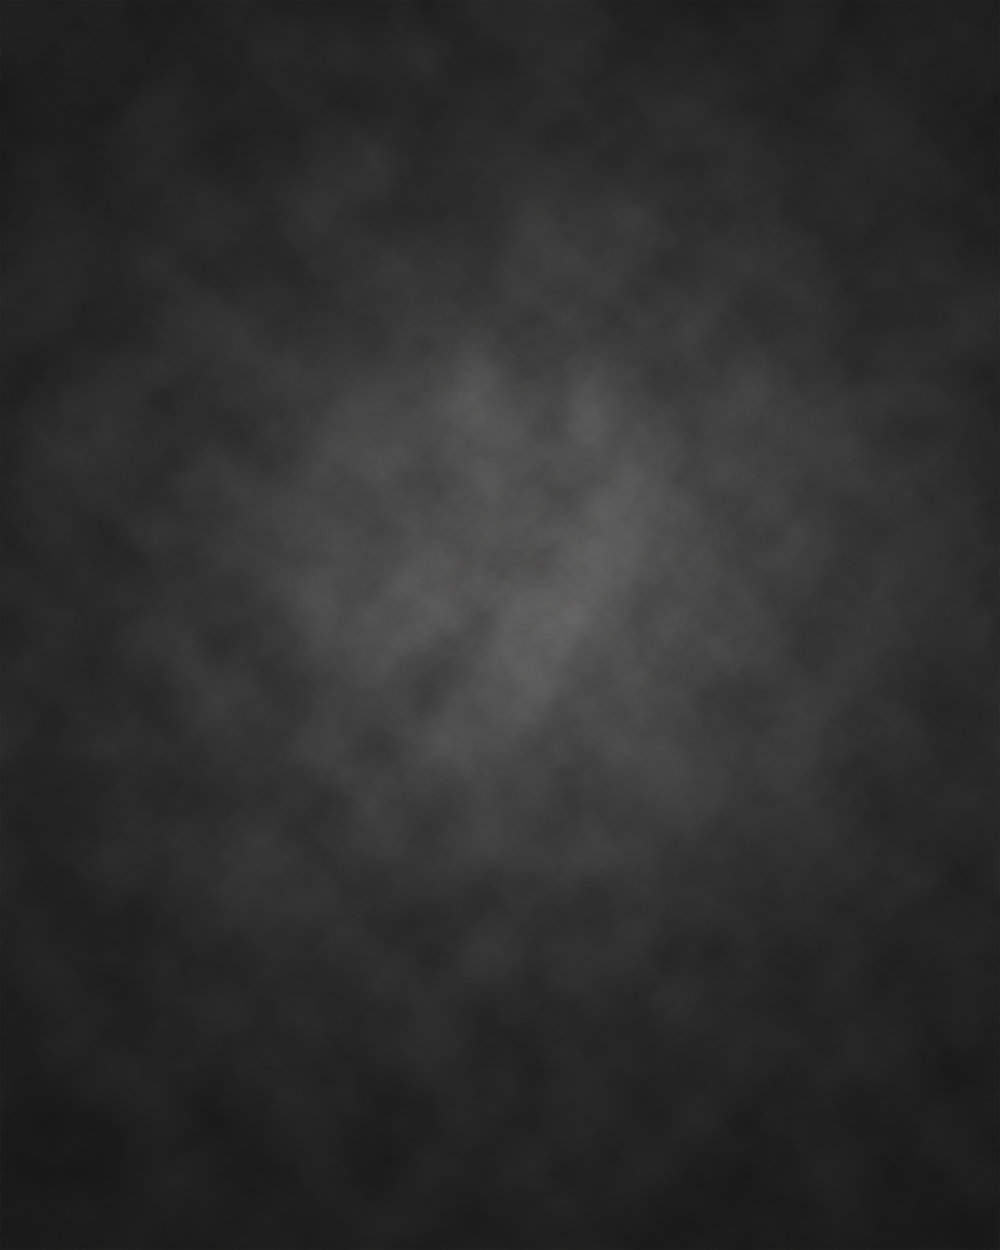 Background Option #6 - Grey